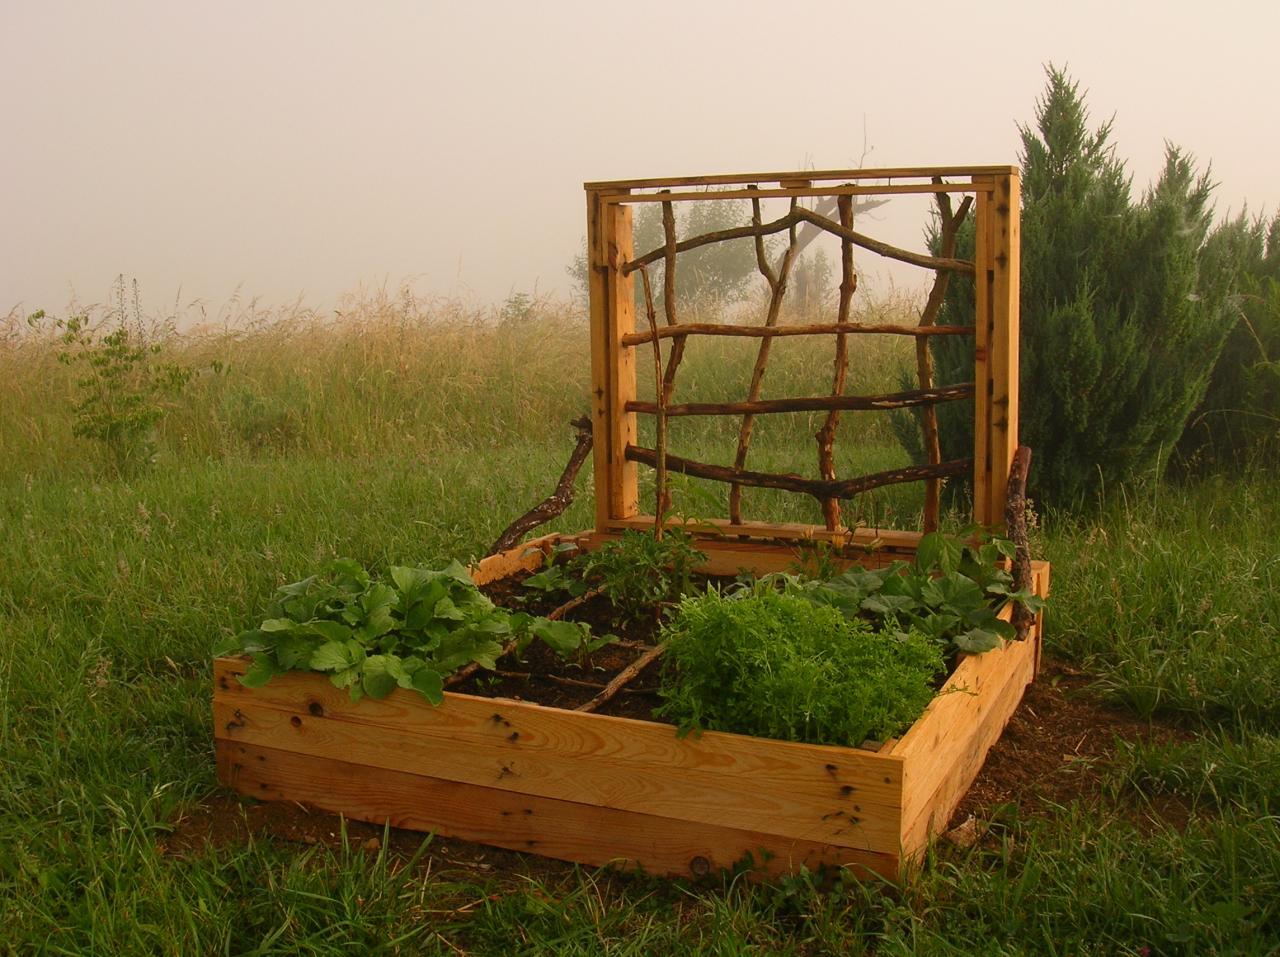 Fabriquer Potager Carré En Bois potager en carré, palettes recyclées, traitement naturel